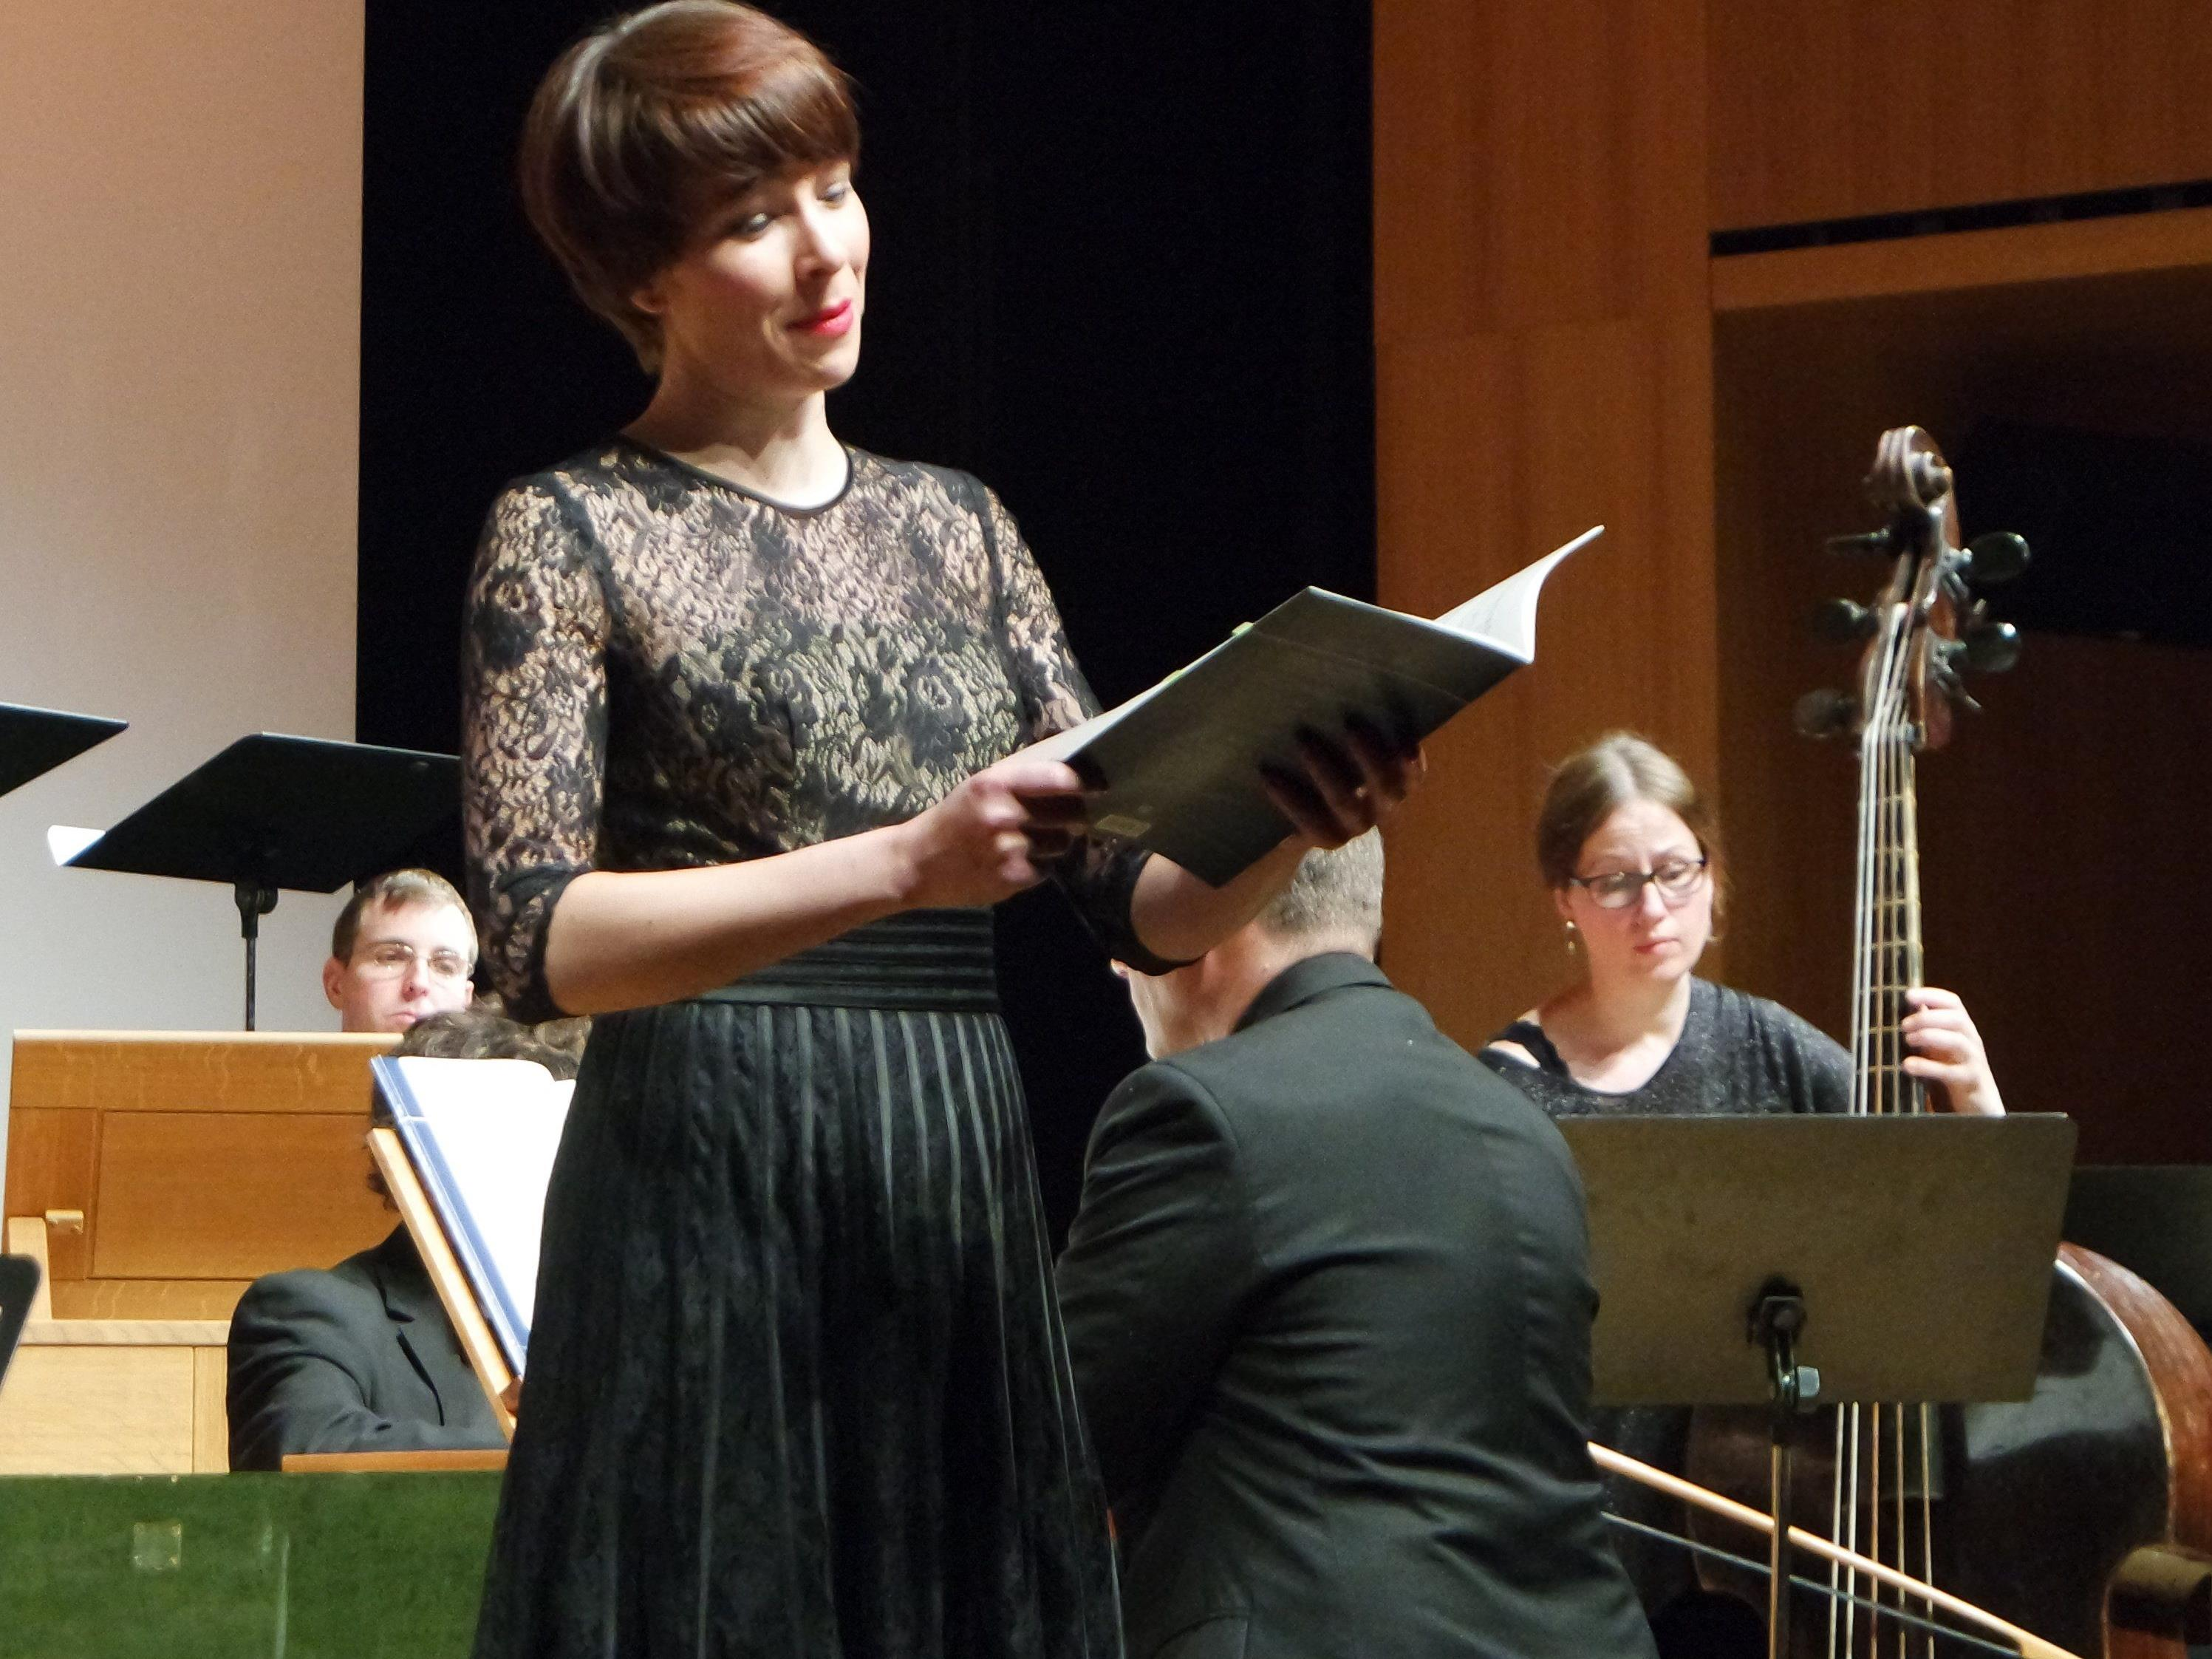 Die bekannte Vorarlberger Sopranistin Miriam Feuersinger sang Bachkantaten auf der Kulturbühne in Götzis.